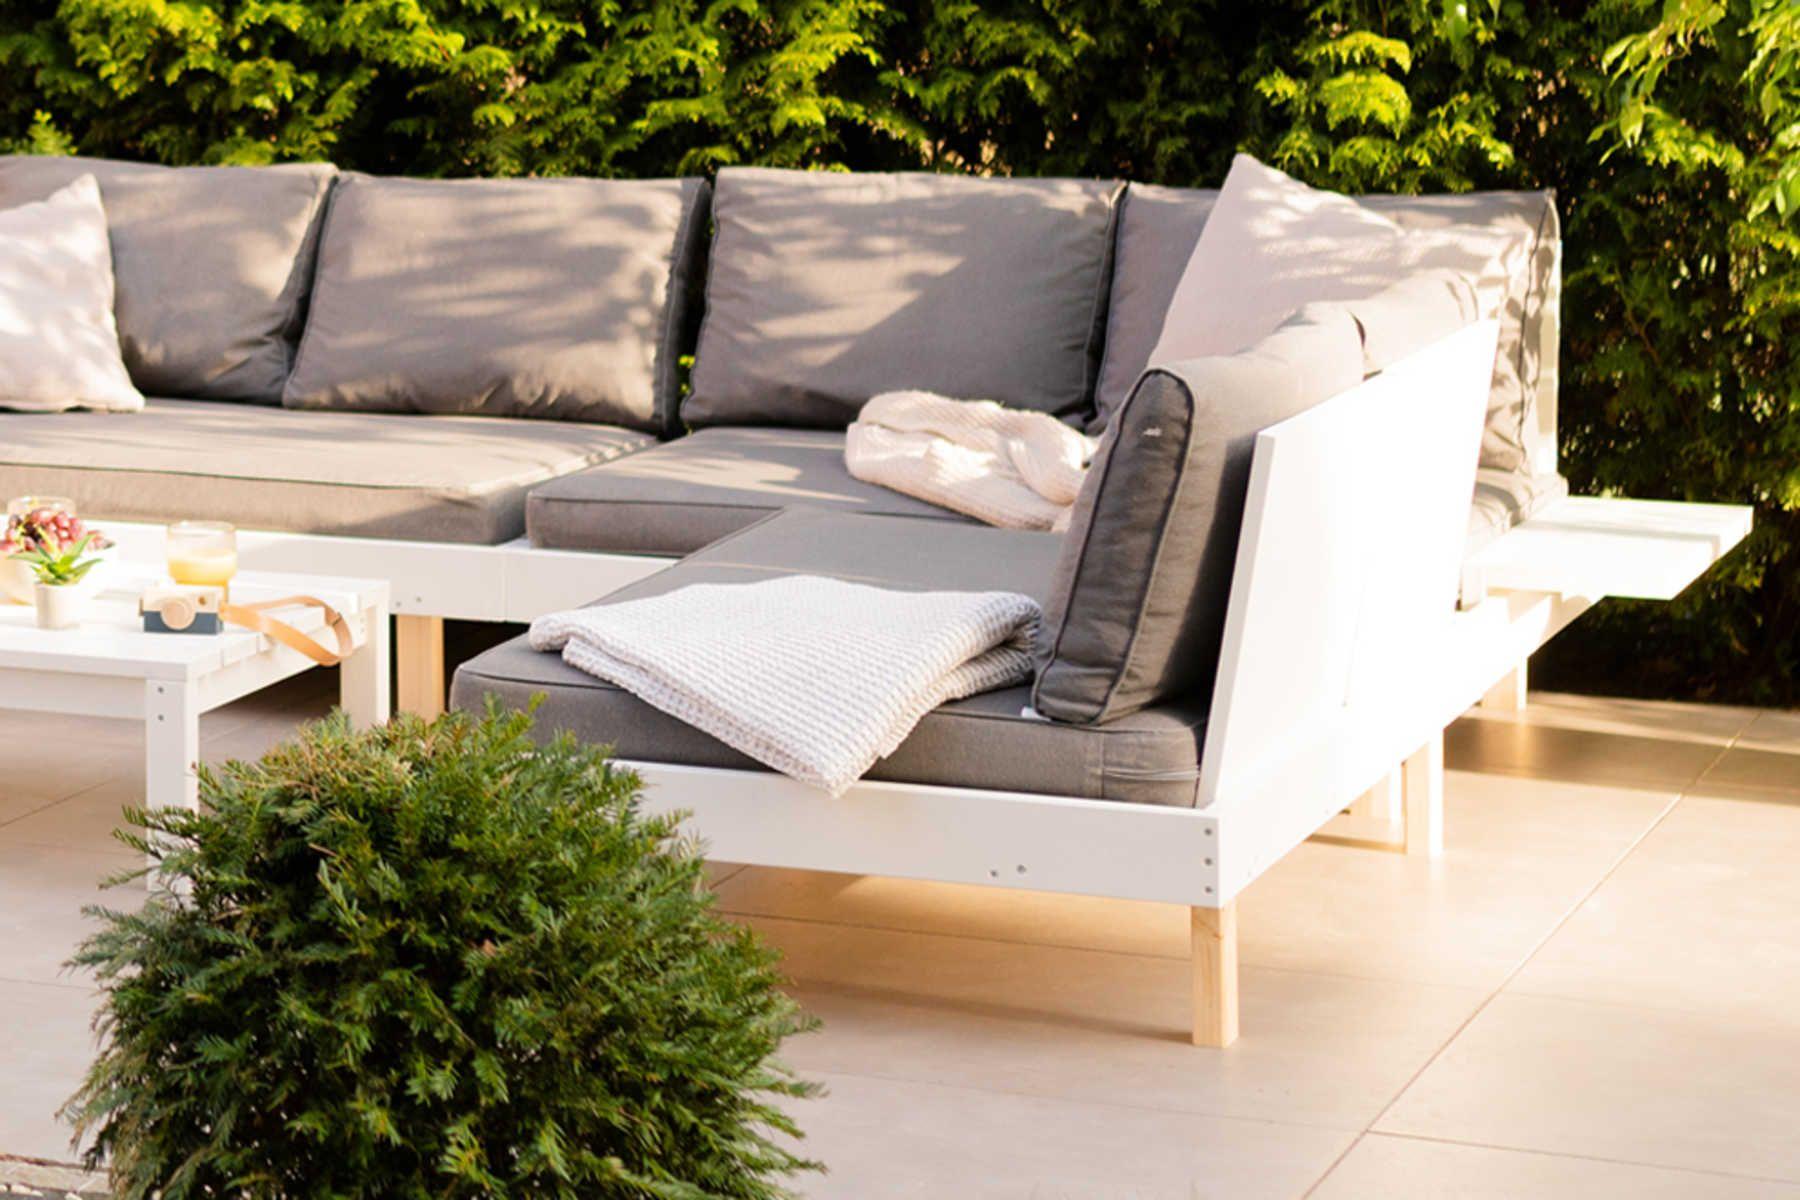 Loungemobel Kiluja Selber Bauen Create By Obi In 2021 Lounge Mobel Lounge Mobel Terasse Outdoor Lounge Mobel